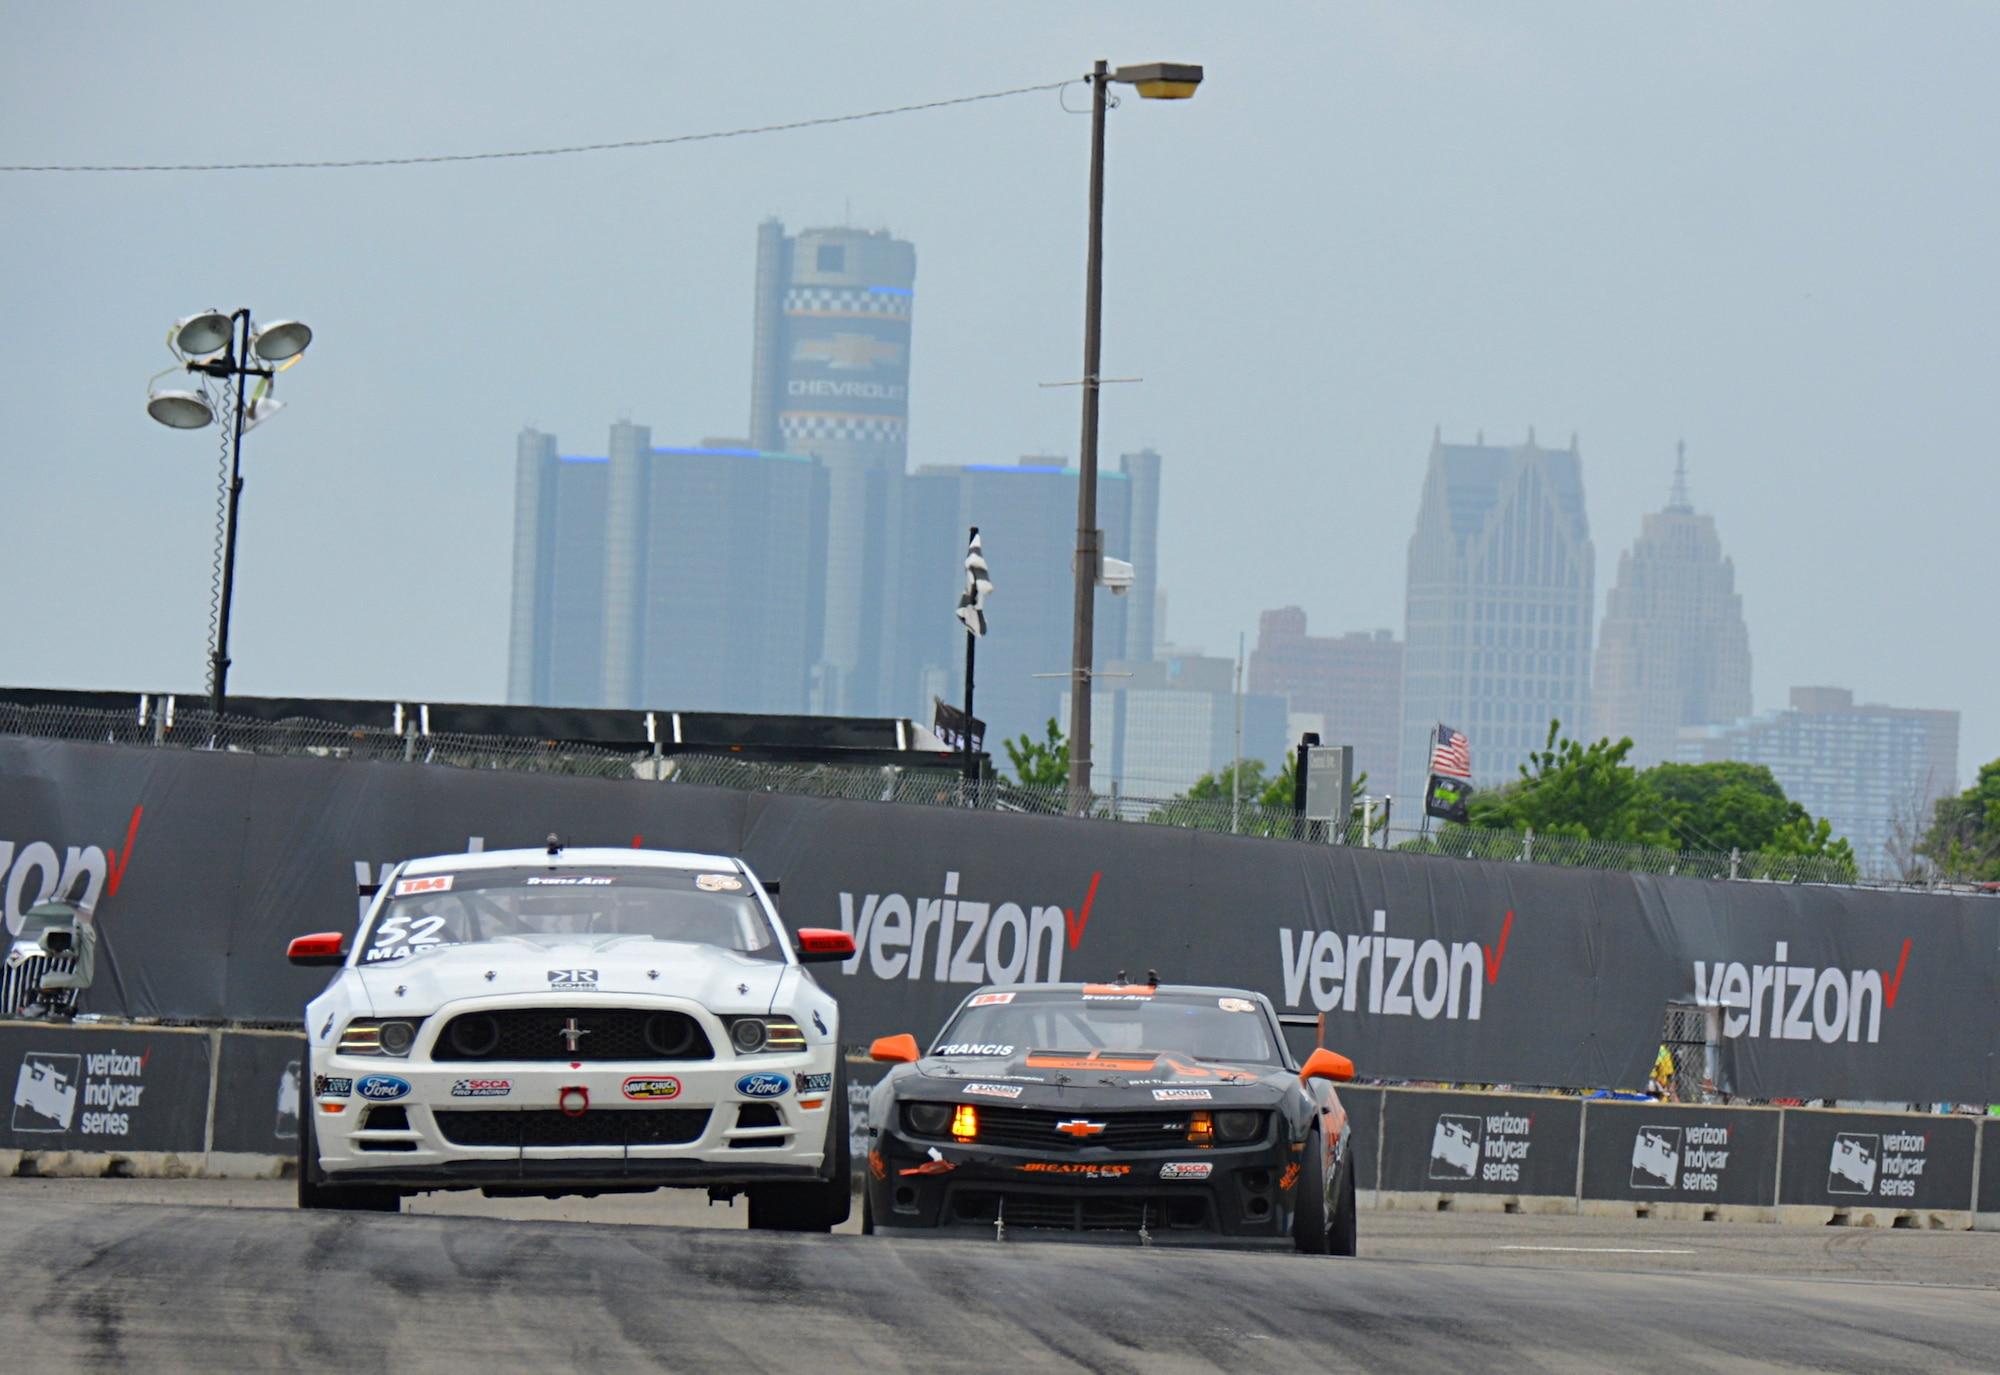 018 Mustang Transamrace Detroitgp